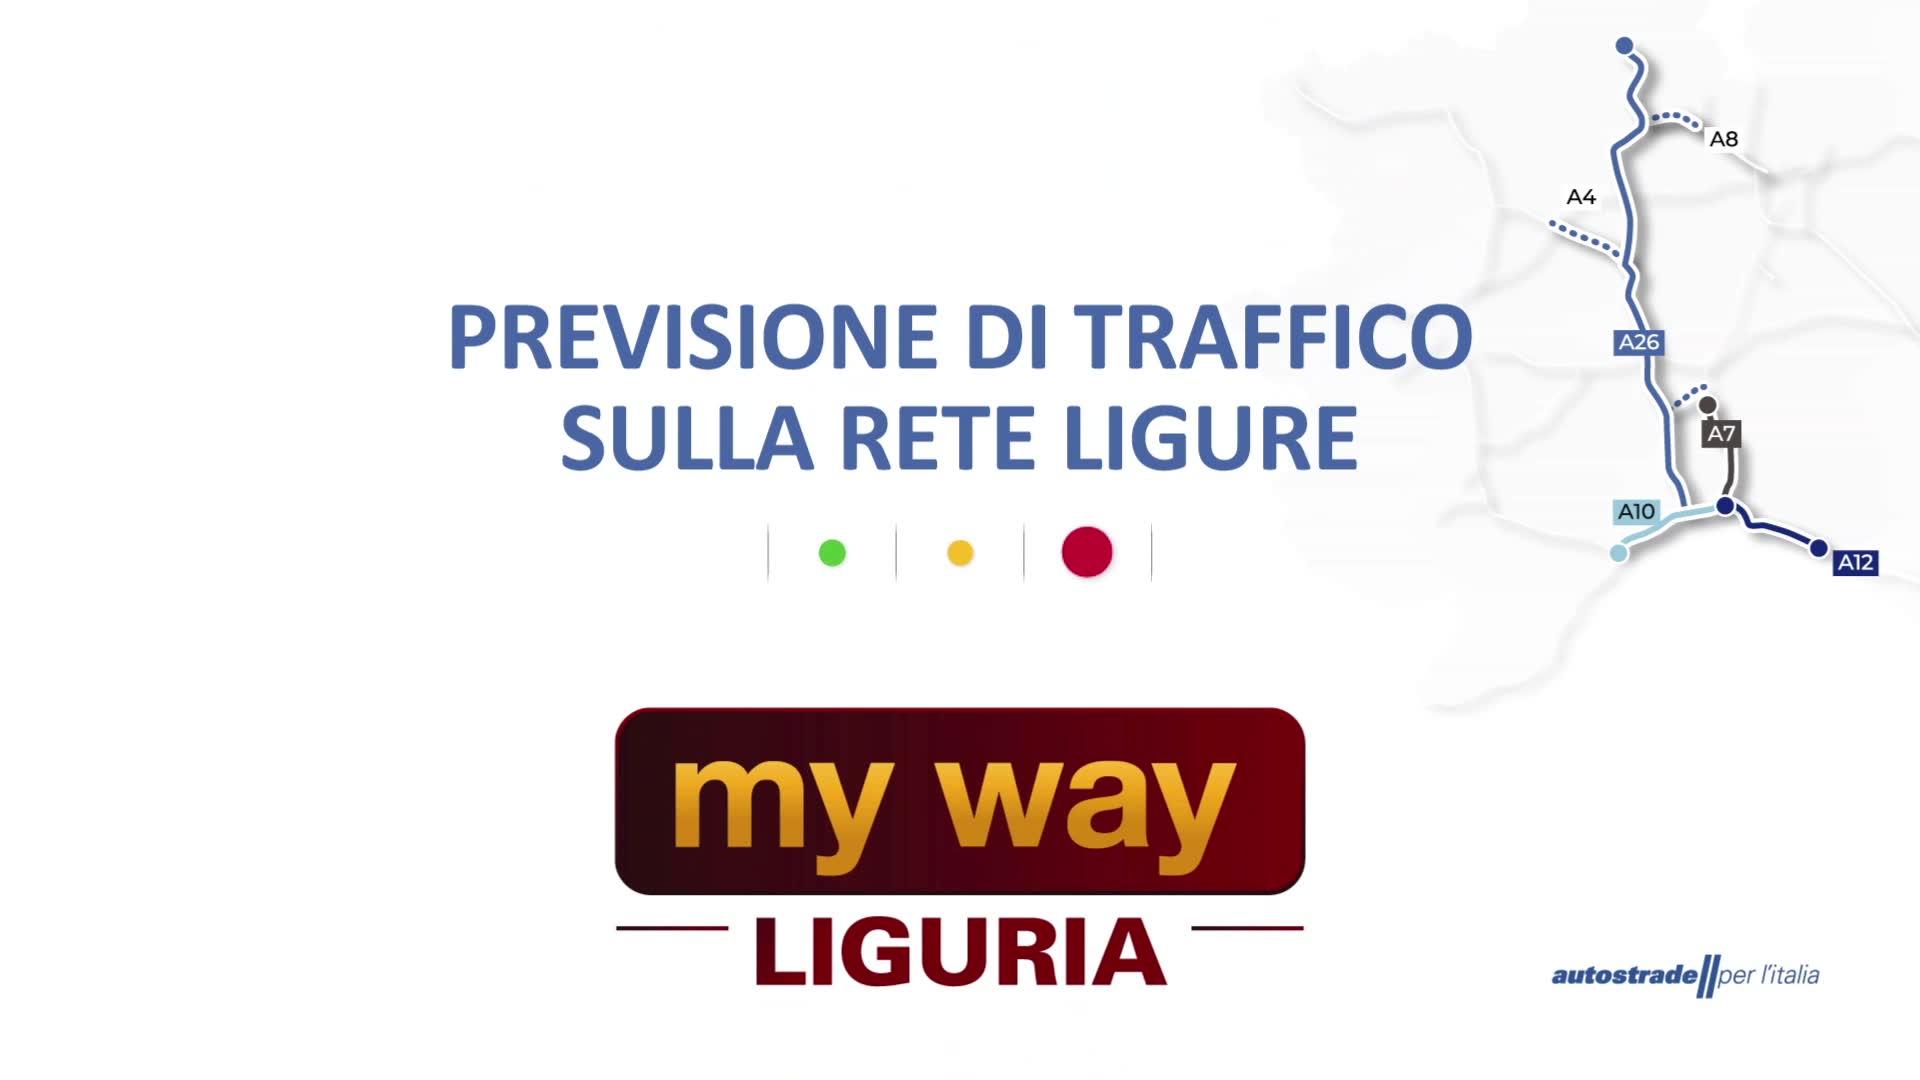 Le previsioni del traffico autostradale in liguria per sabato 18 settembre